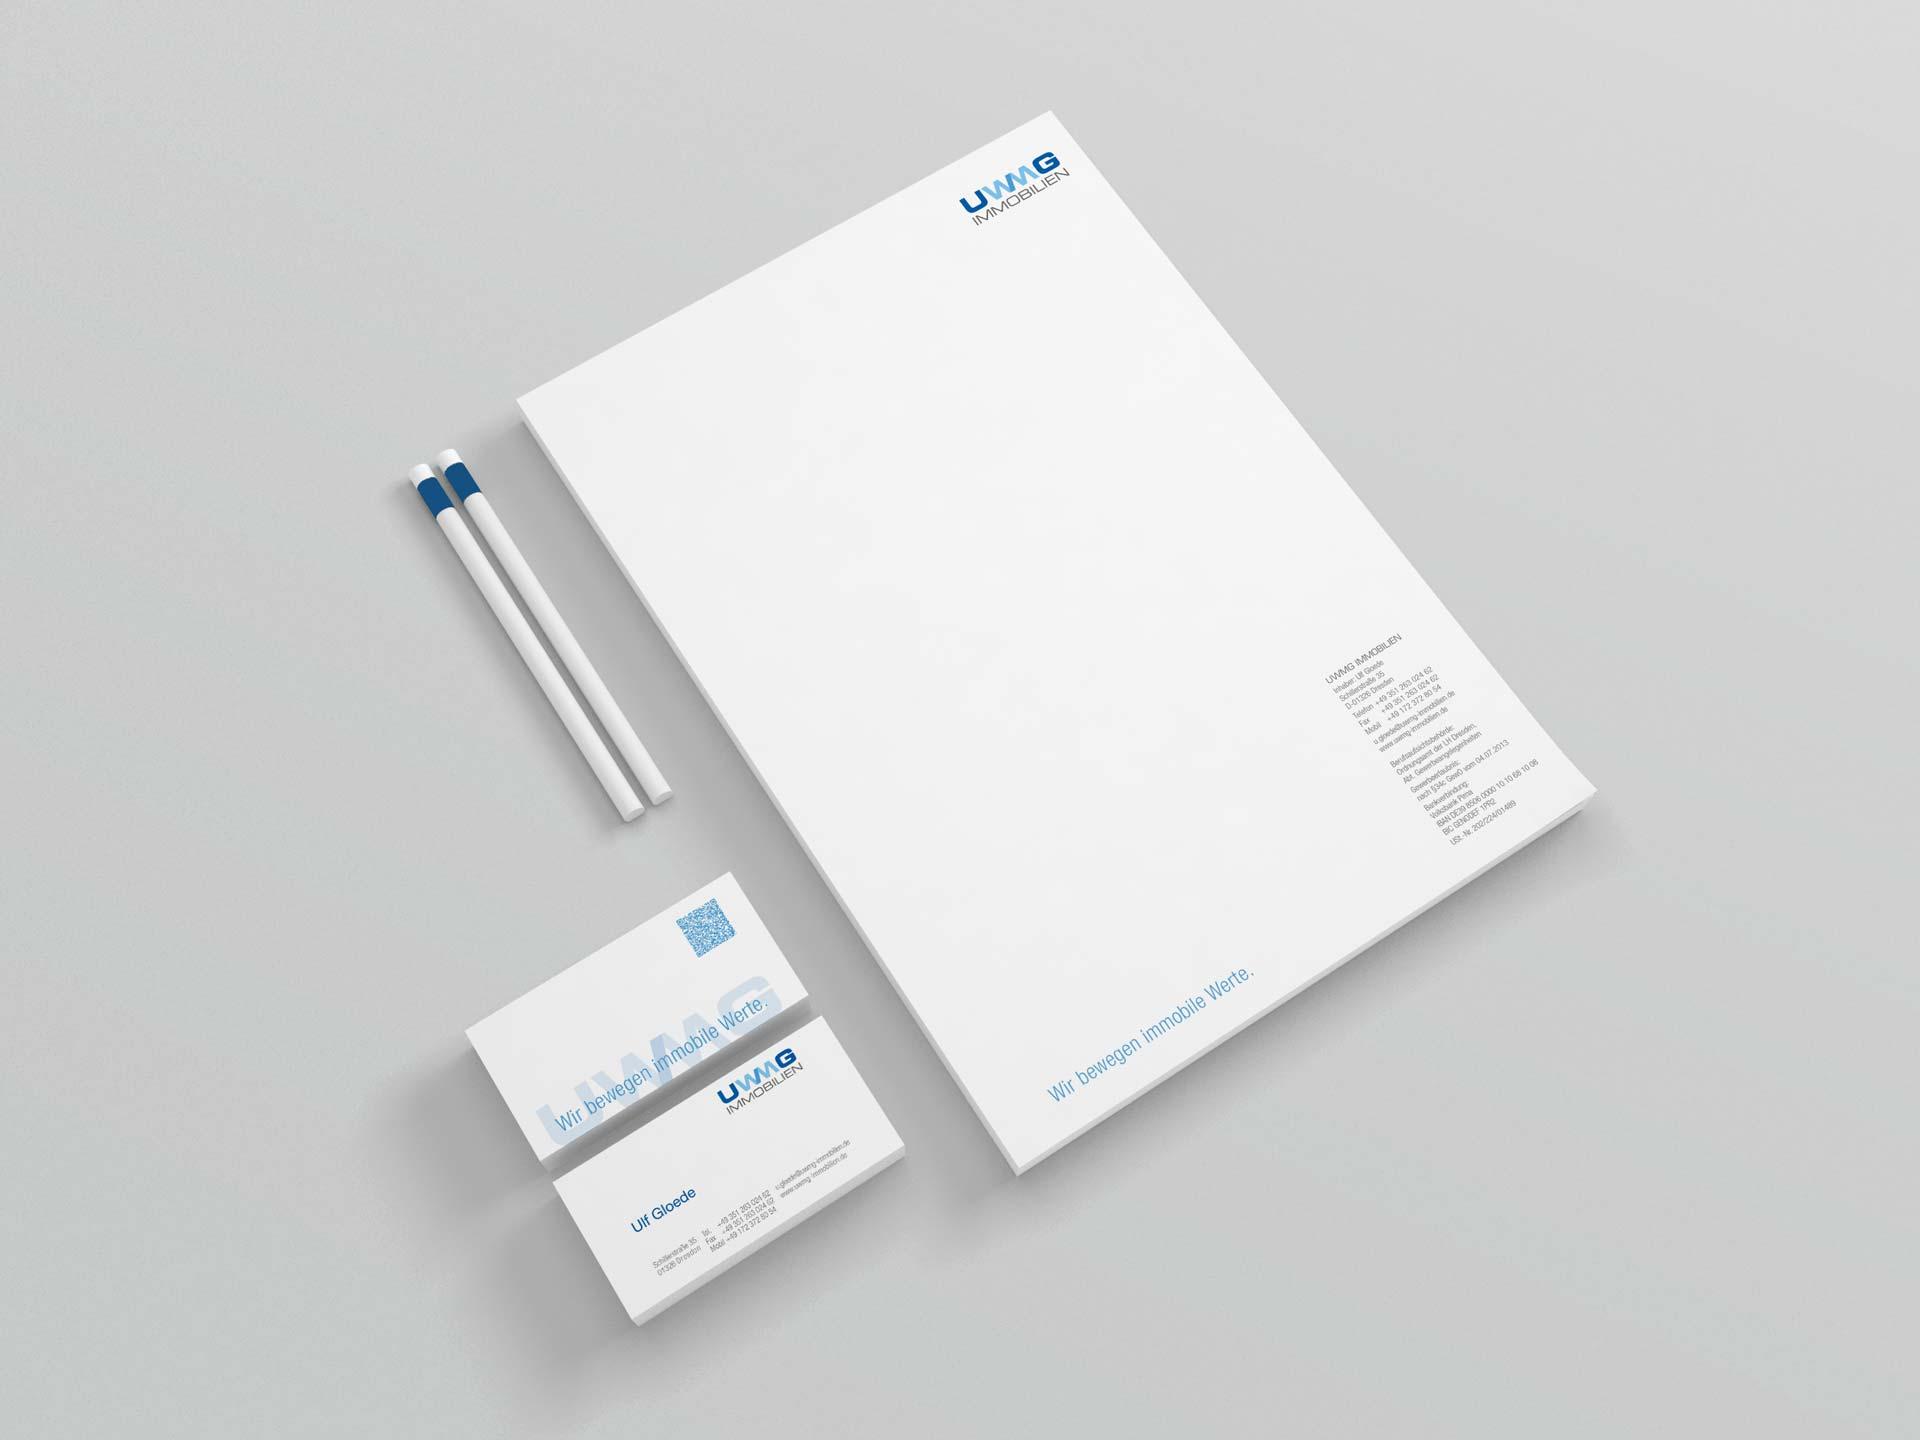 Design Geschäftsausstattung UWMG Immobilien by facit design